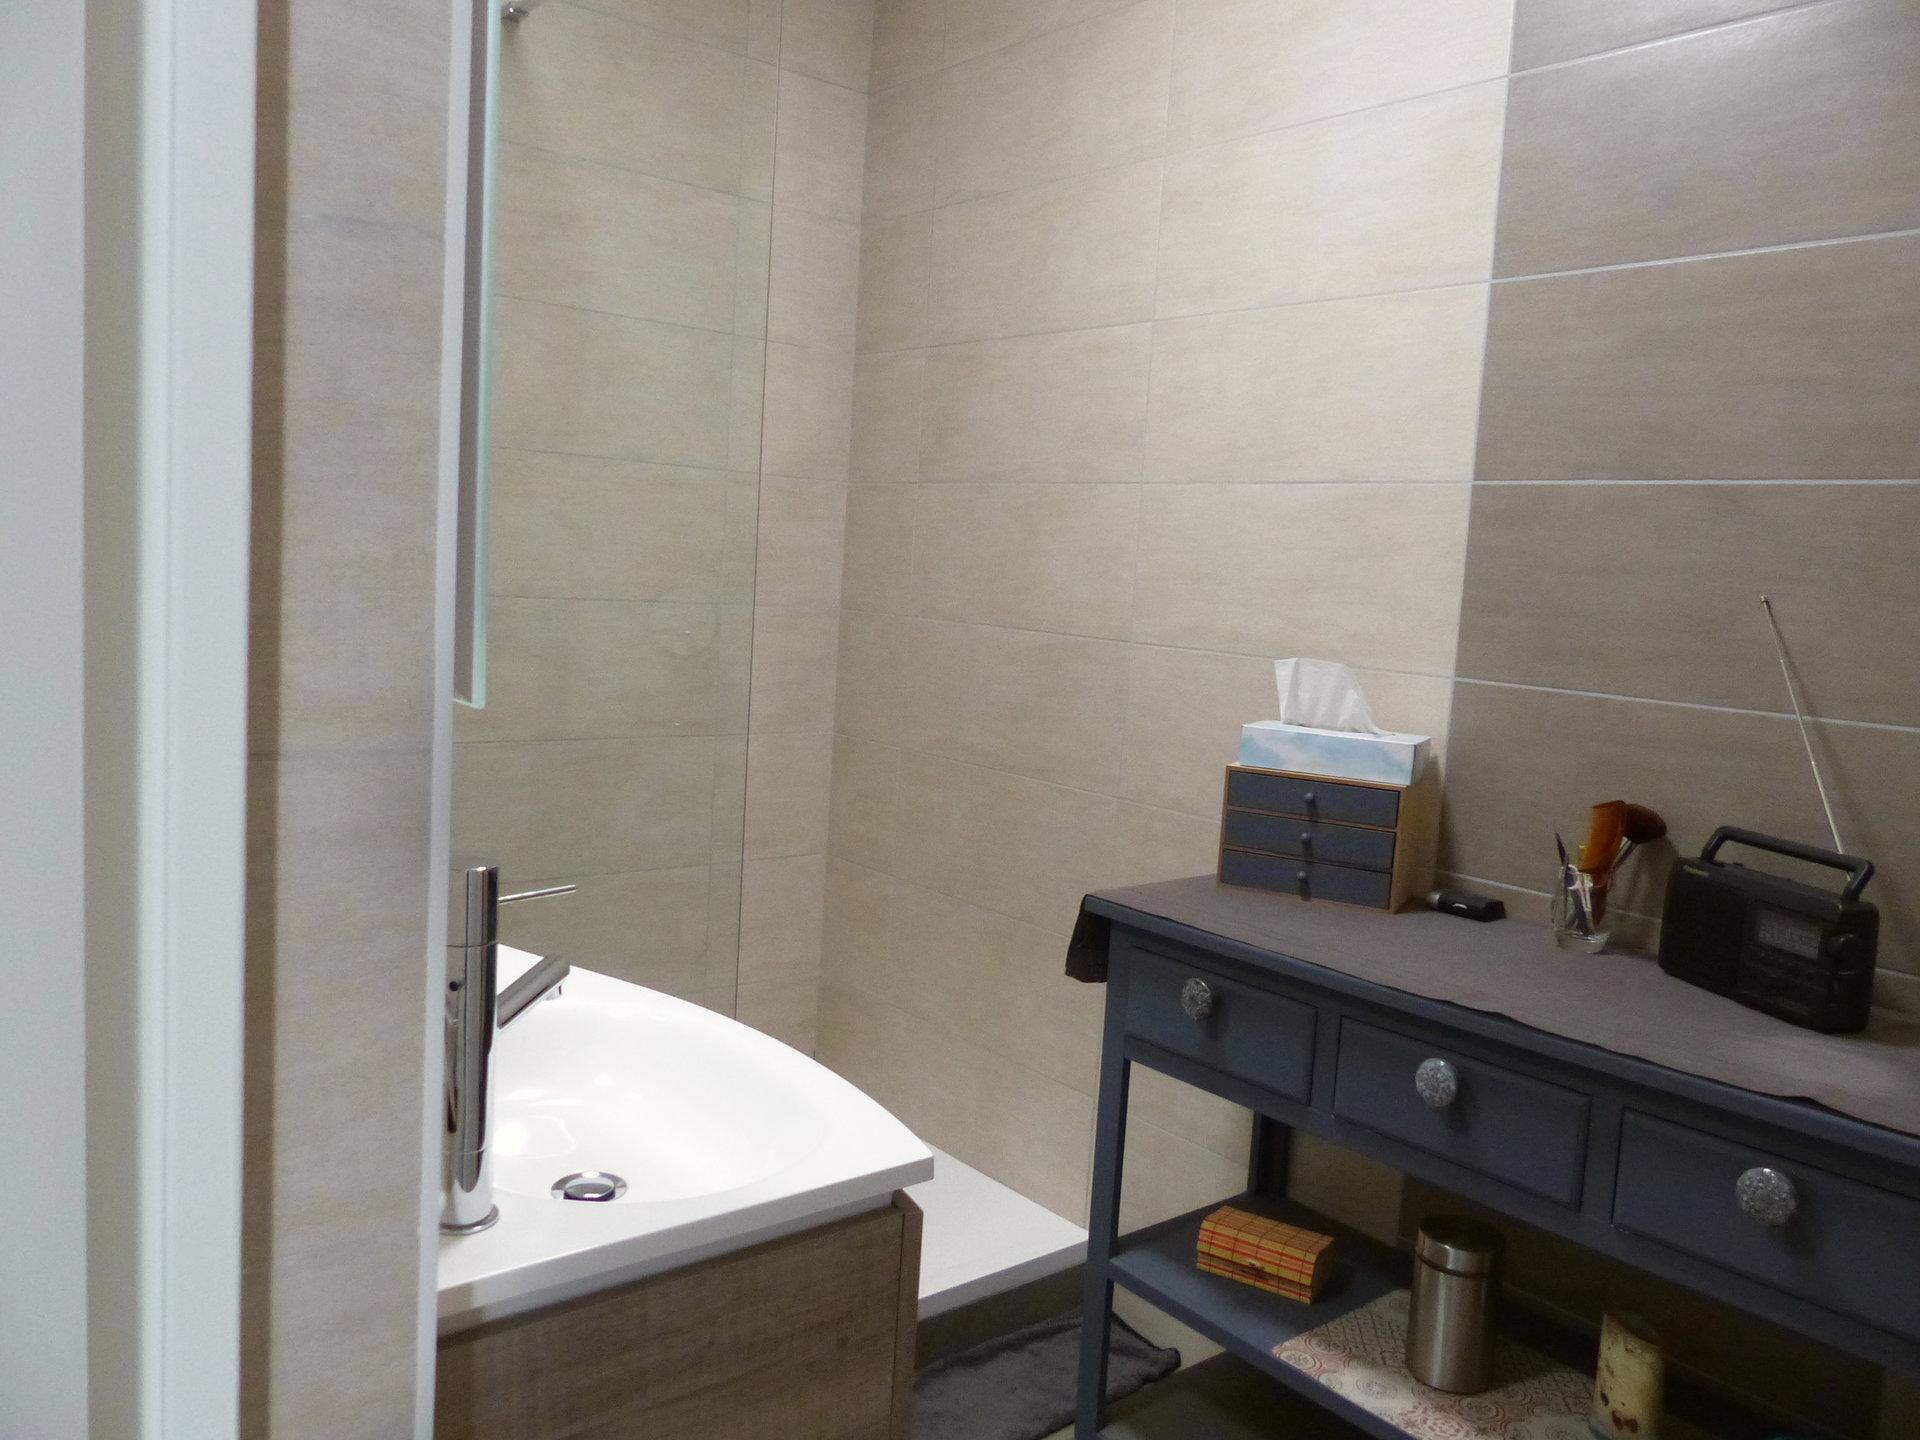 SOUS COMPROMIS DE VENTE A deux pas du centre de charnay et de ses commerces, venez découvrir ce très bel appartement rénové d'une surface de 65 m² avec balcon. Il se compose d'une lumineuse pièce de vie avec cuisine équipée, de deux vastes chambres, d'une salle d'eau avec douche italienne, d'un toilette séparé ainsi que d'un cellier. Une cave, un garage et parking complètent ce bien. Cet appartement a bénéficié d'une rénovation de qualité, vous serez séduit par son charme, ses nombreux rangements et sa luminosité. Copropriété avec ascenseur (charges mensuelles de 200 euros - 48 lots). Honoraires à la charge du vendeur.